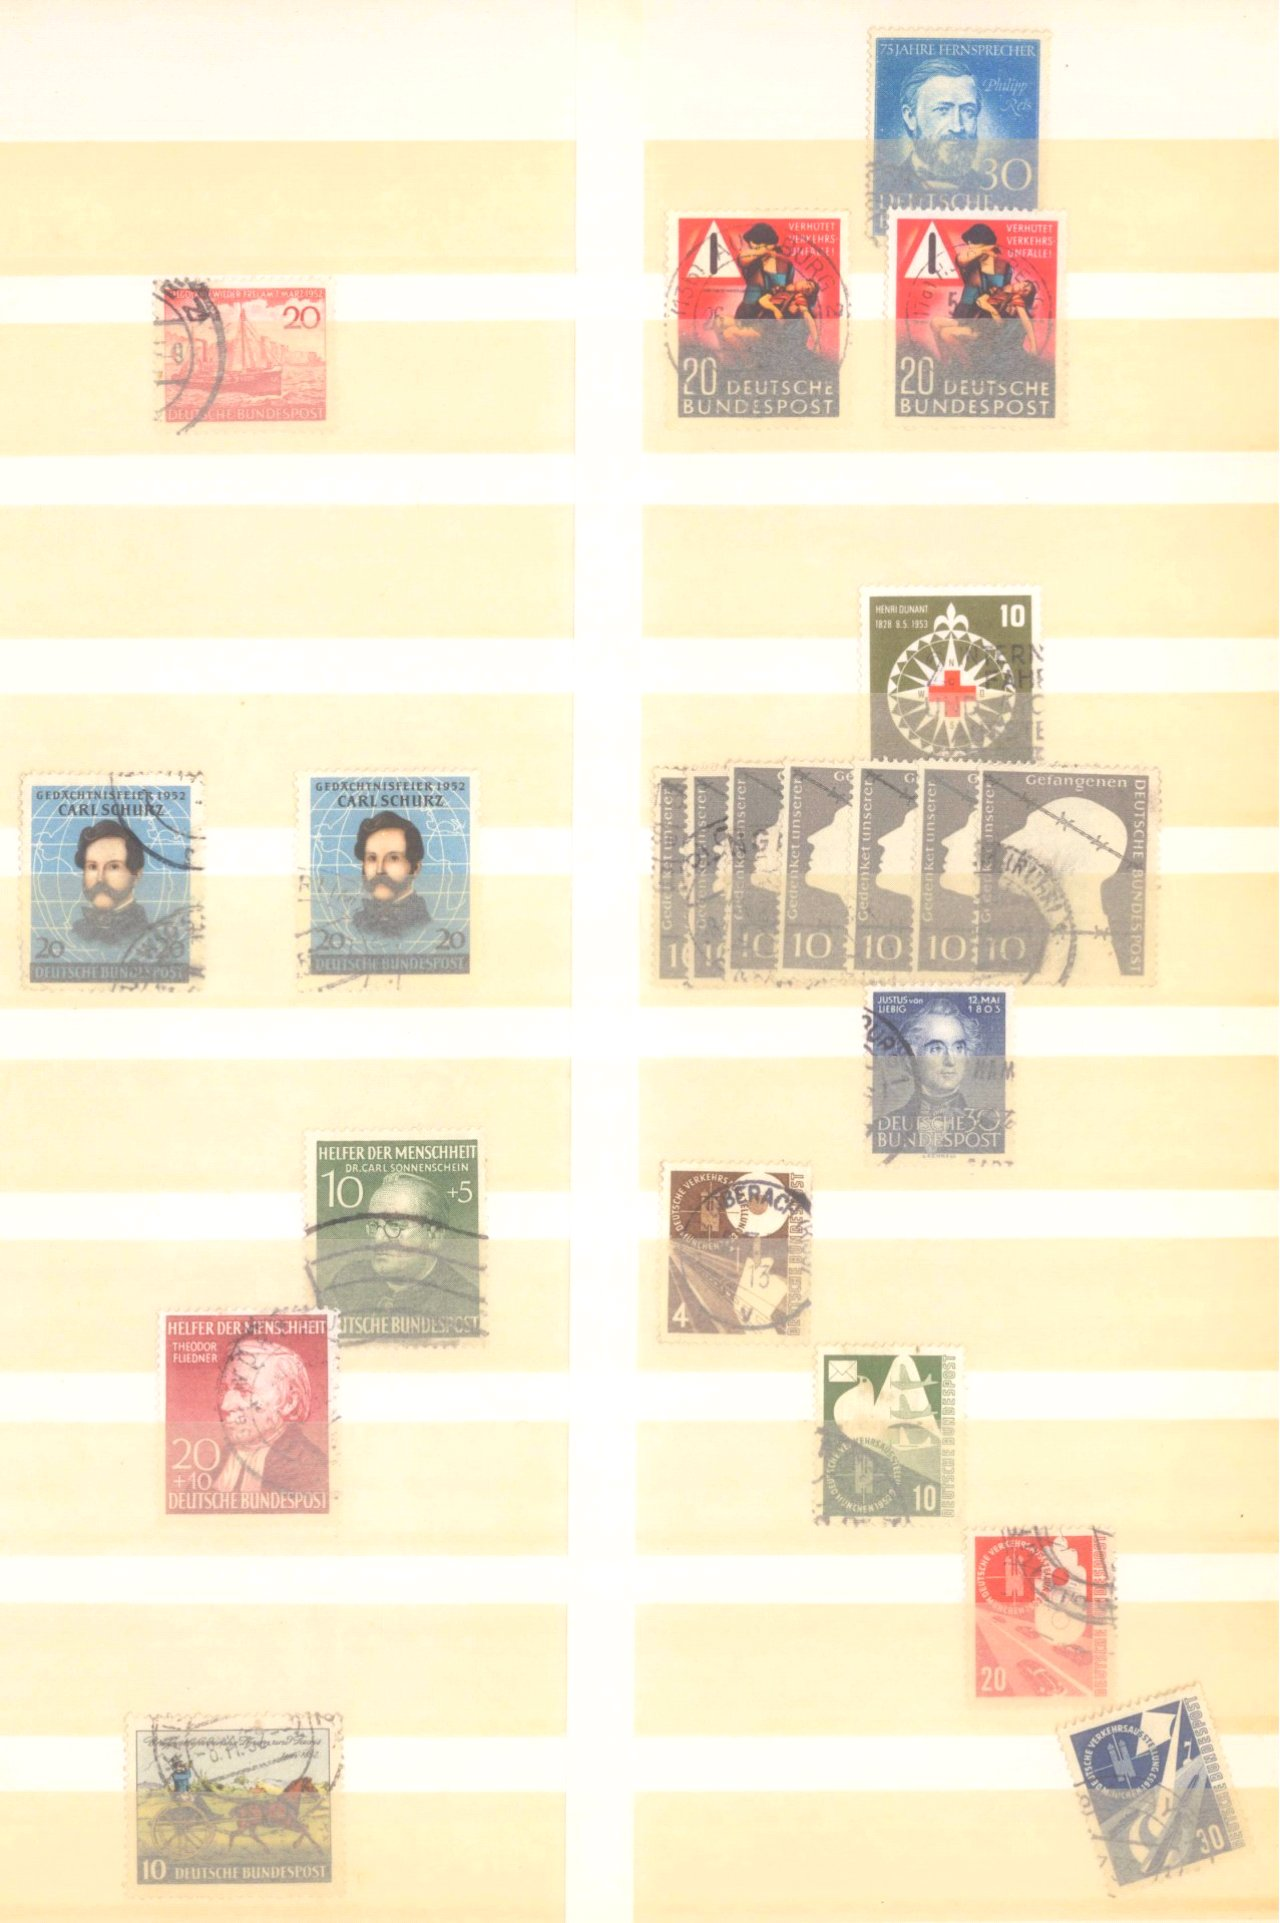 Mannheimer Briefmarkennachlass-11